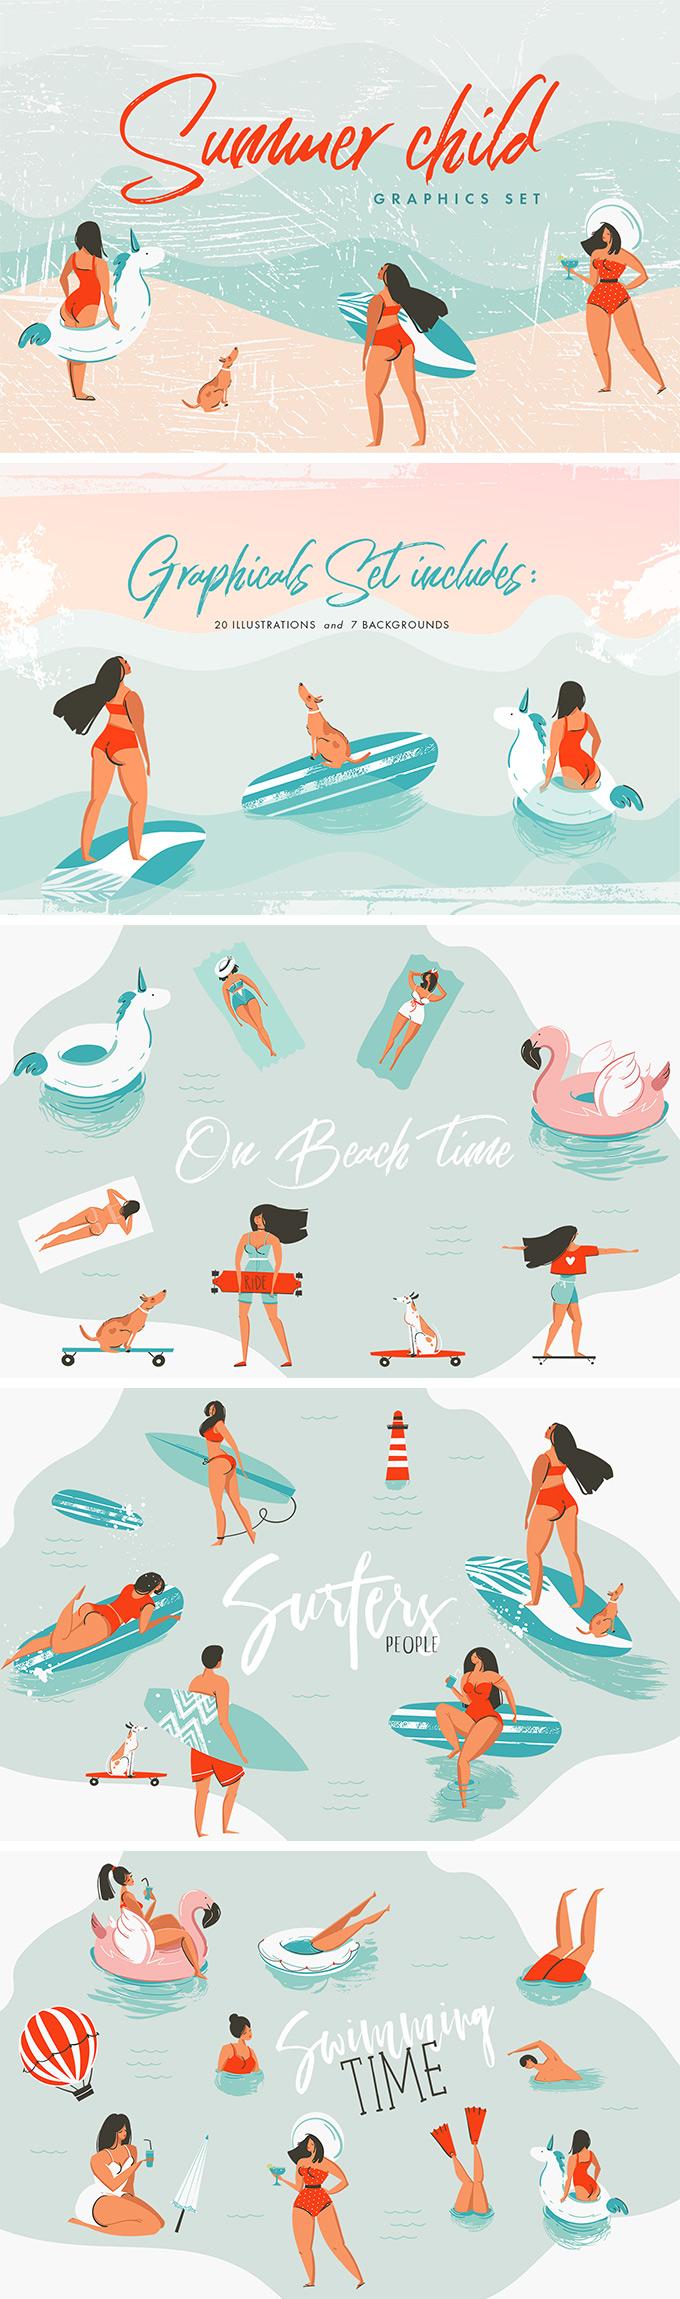 夏季沙滩阳光海洋美女游泳火烈鸟手绘素材设计素材模板